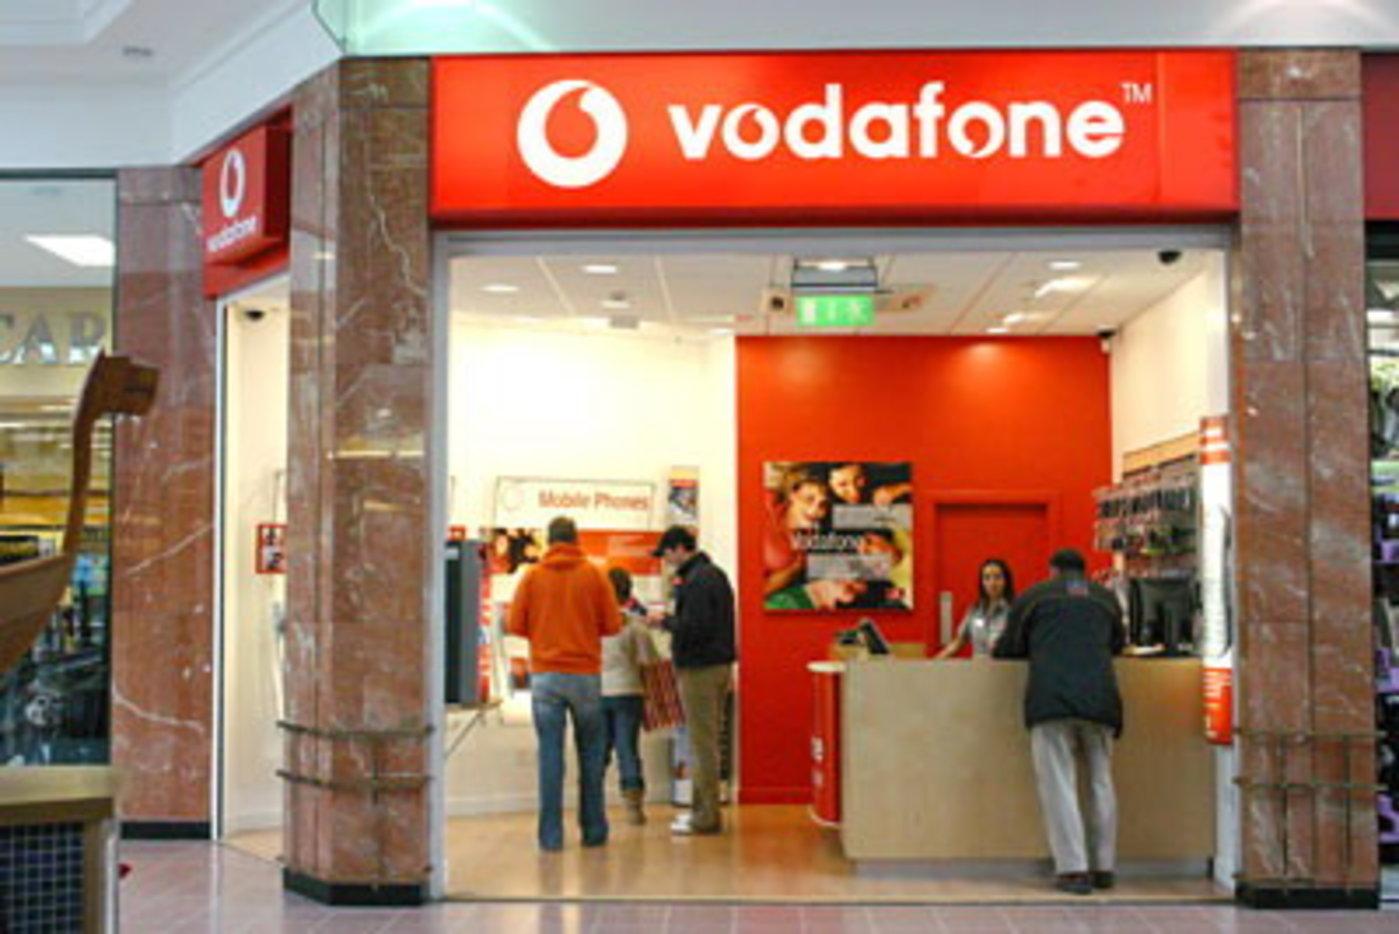 沃达丰确认欲购德国有线,电信运营商开吃广电?